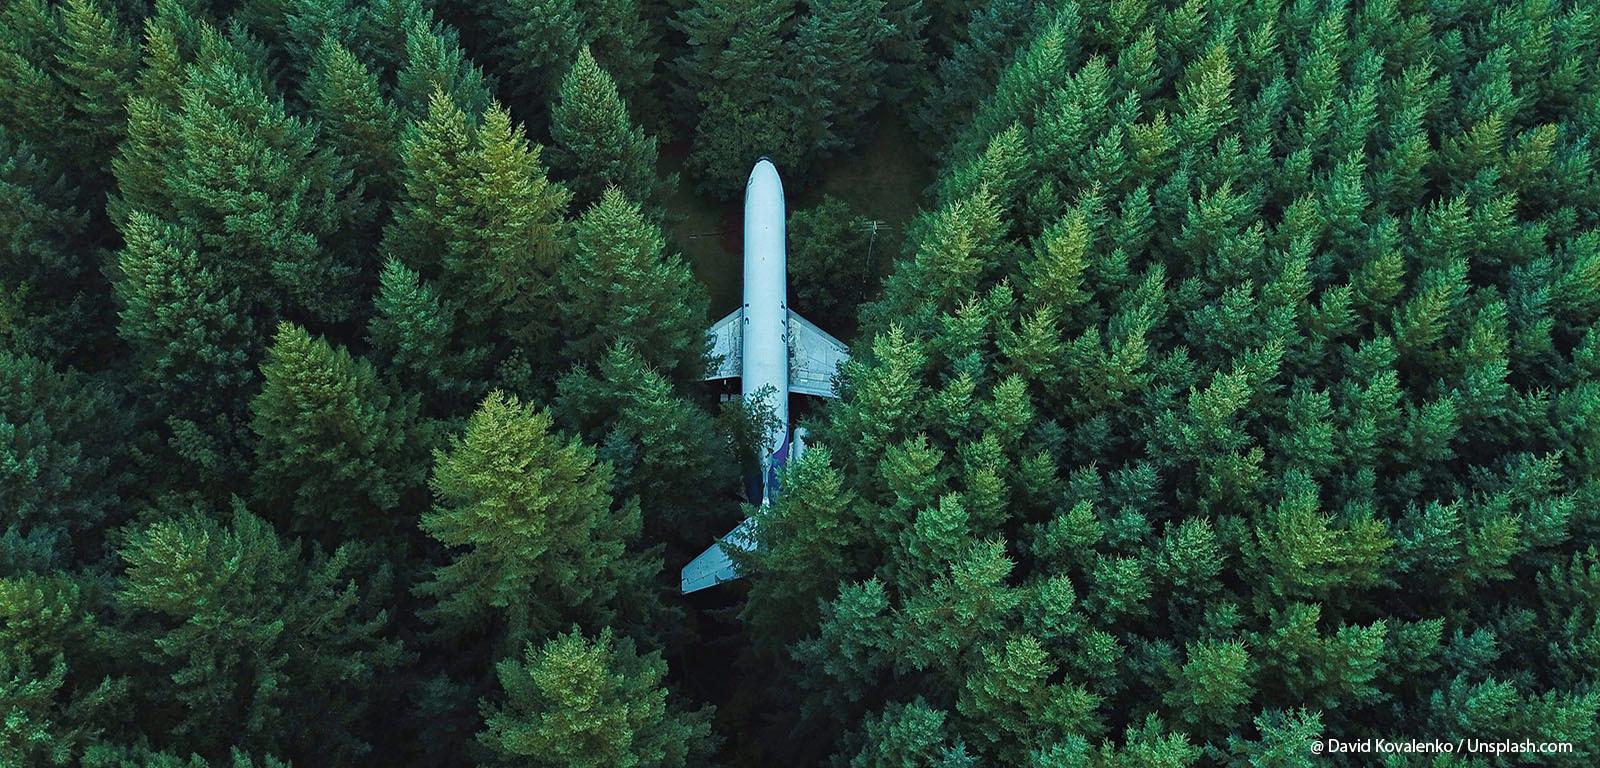 Flugzeug im Wald